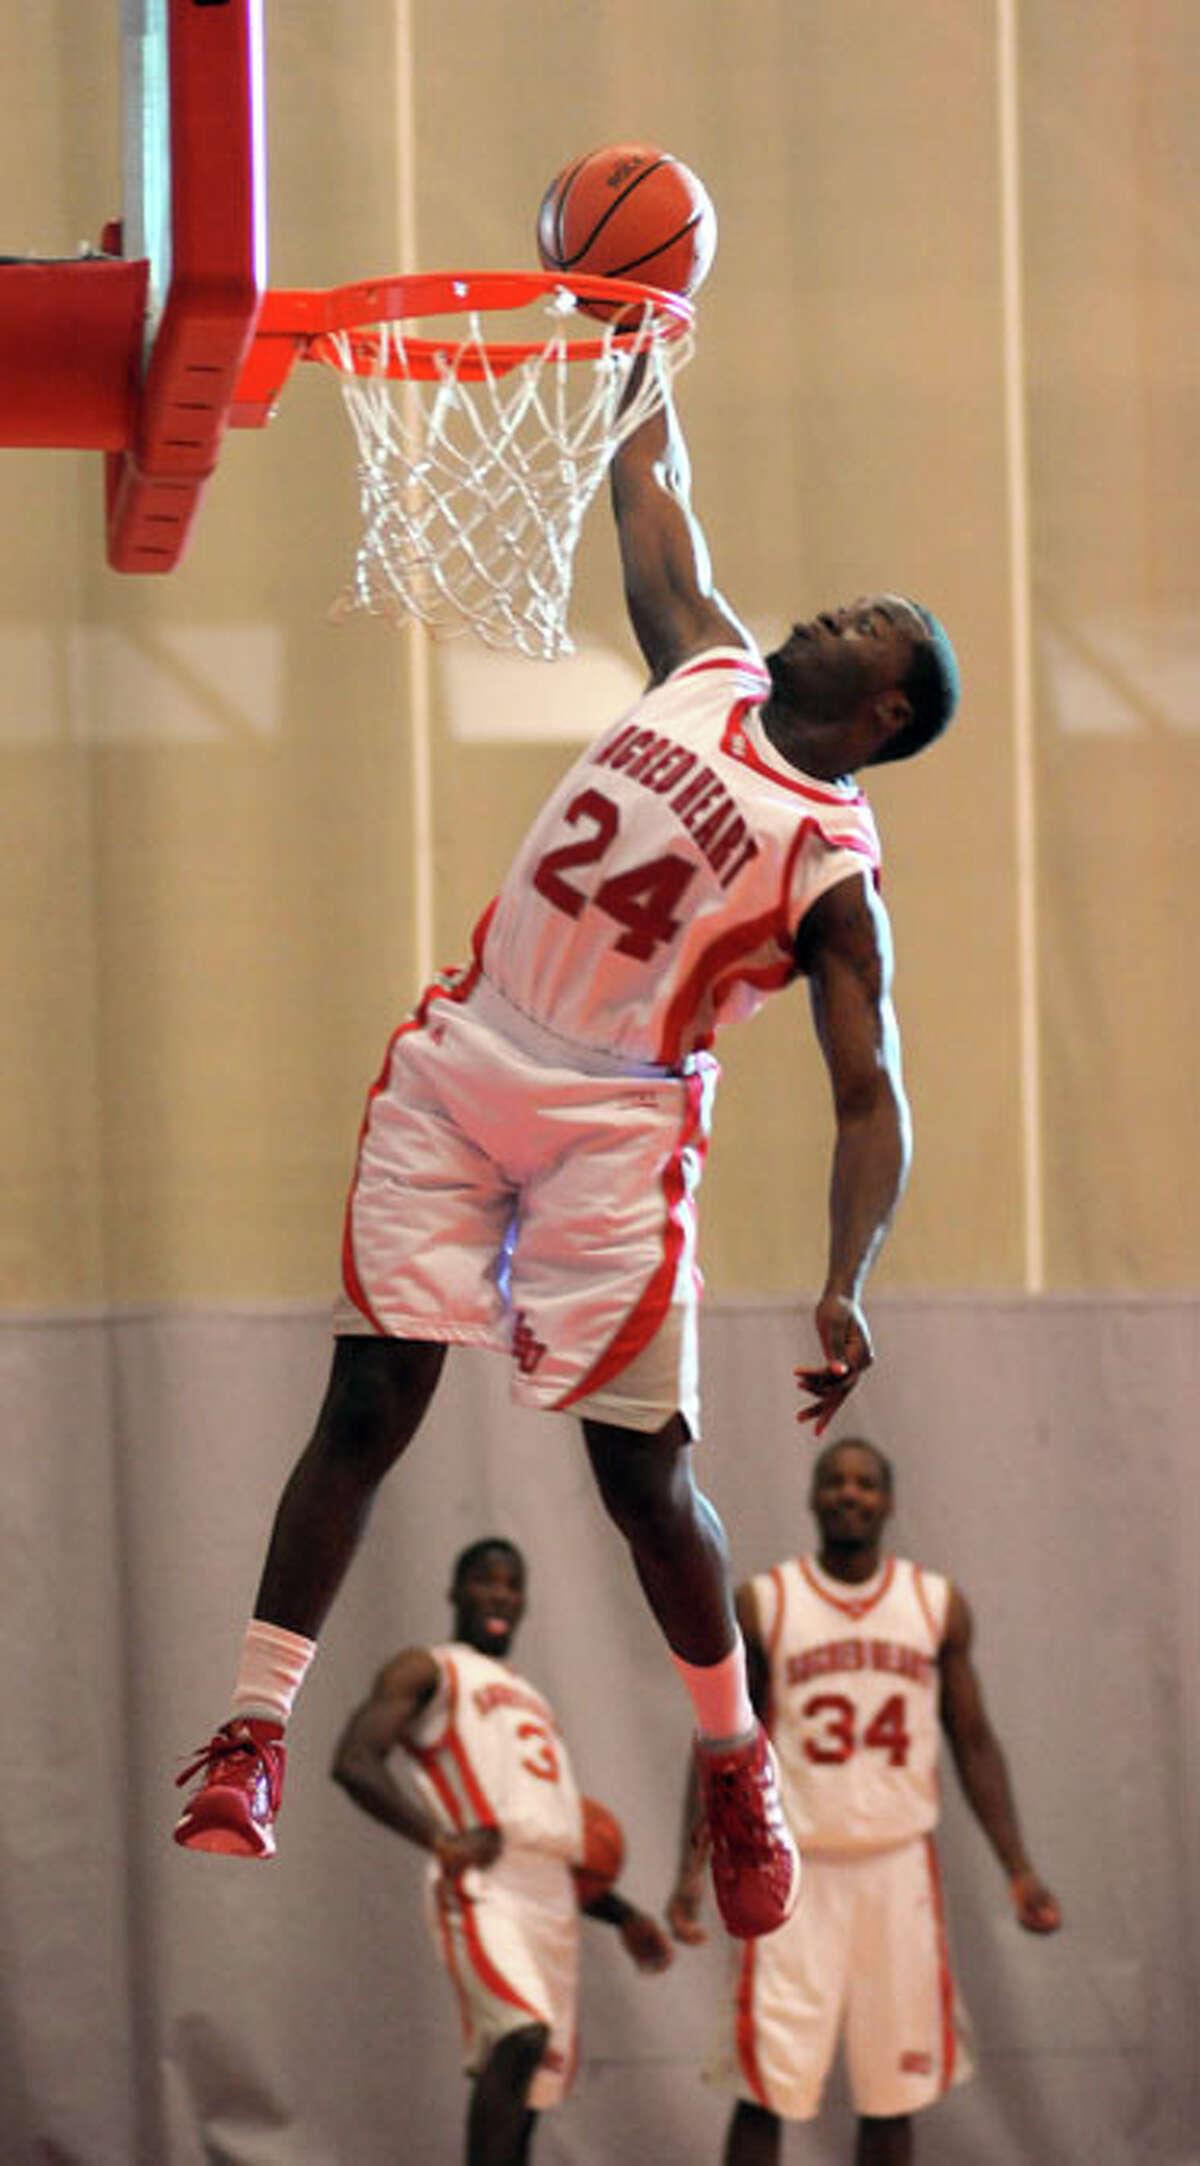 Sacred Heart University's Chris Evans: The dunk master